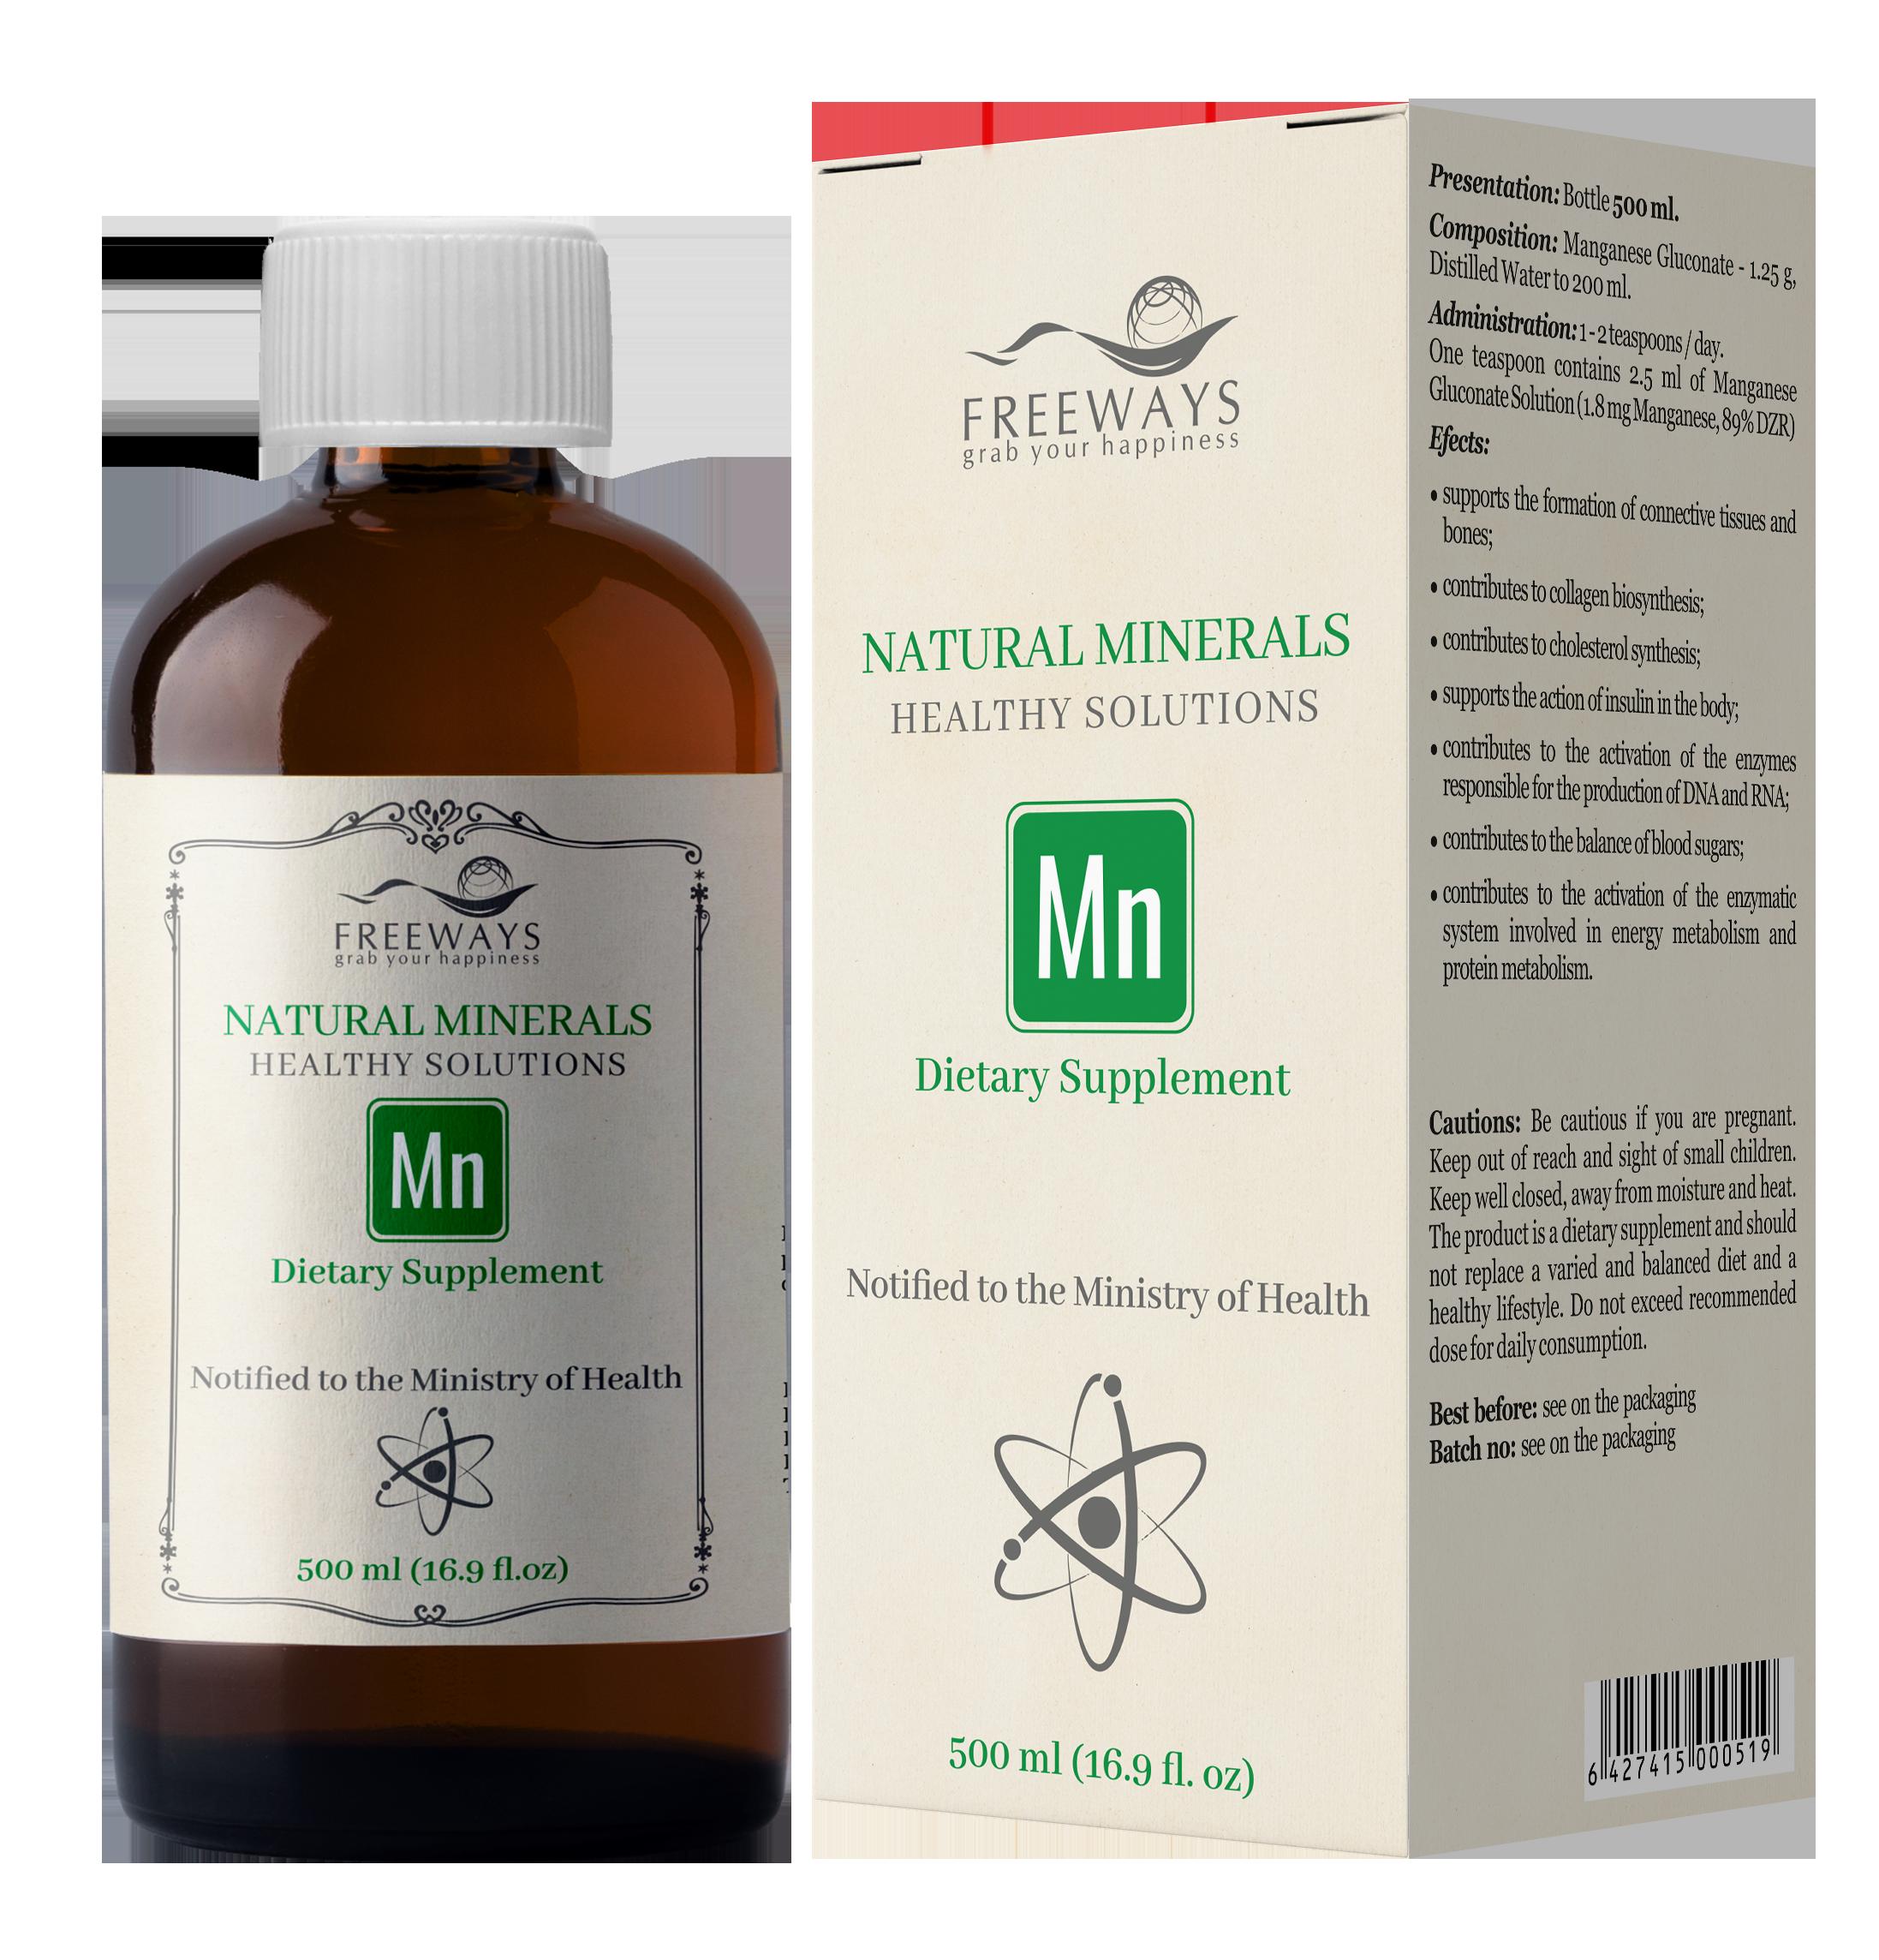 Manganese (500 ml)